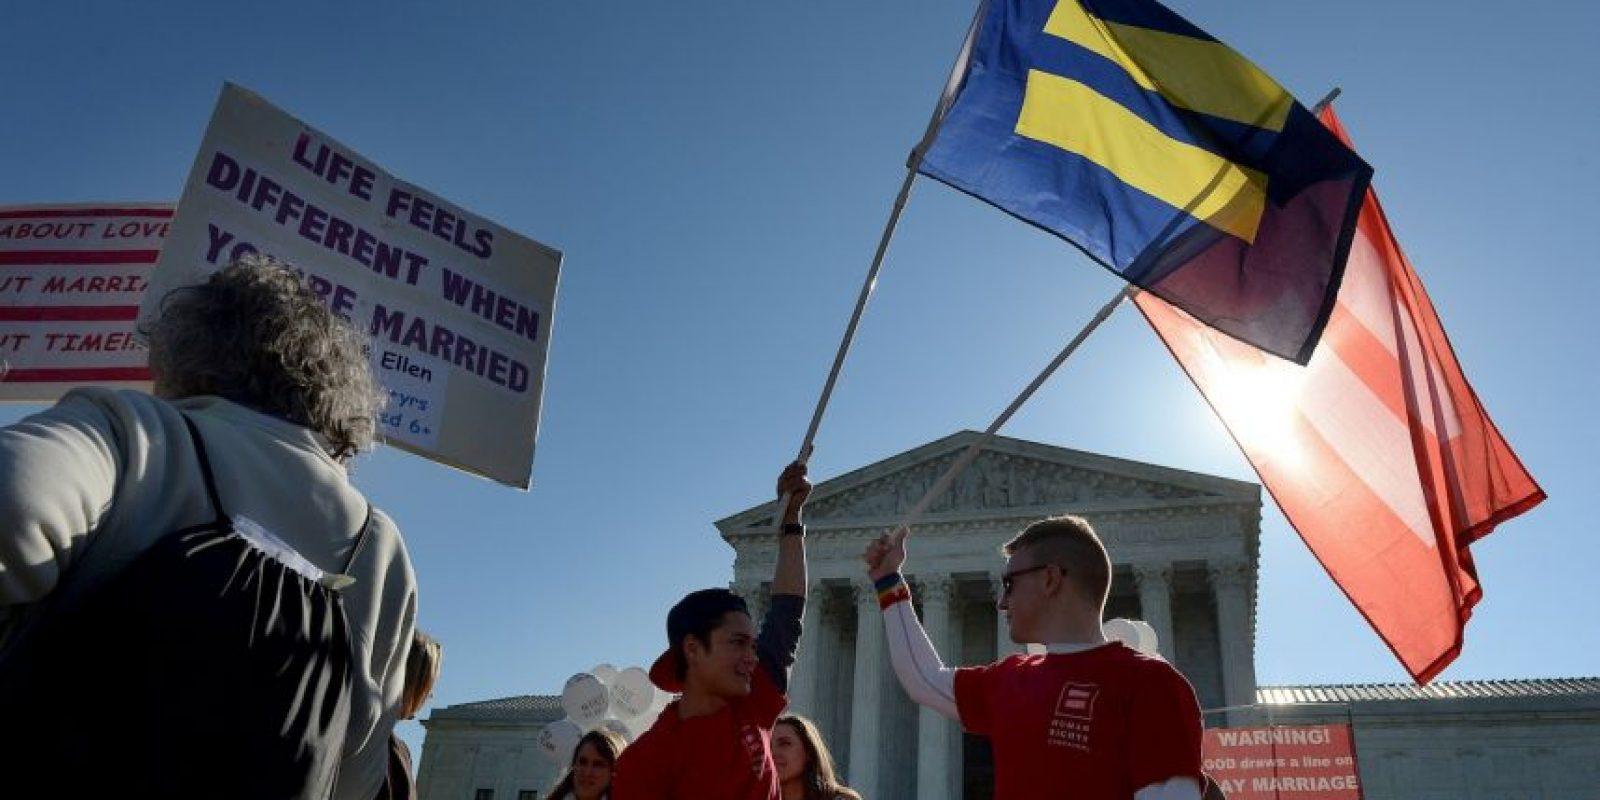 El juez clave en el Tribunal Supremo de Estados Unidos en la controversia sobre el matrimonio homosexual, Anthony Kennedy, hizo preguntas escépticas a las diversas partes durante la revisión del caso. Foto:Getty Images